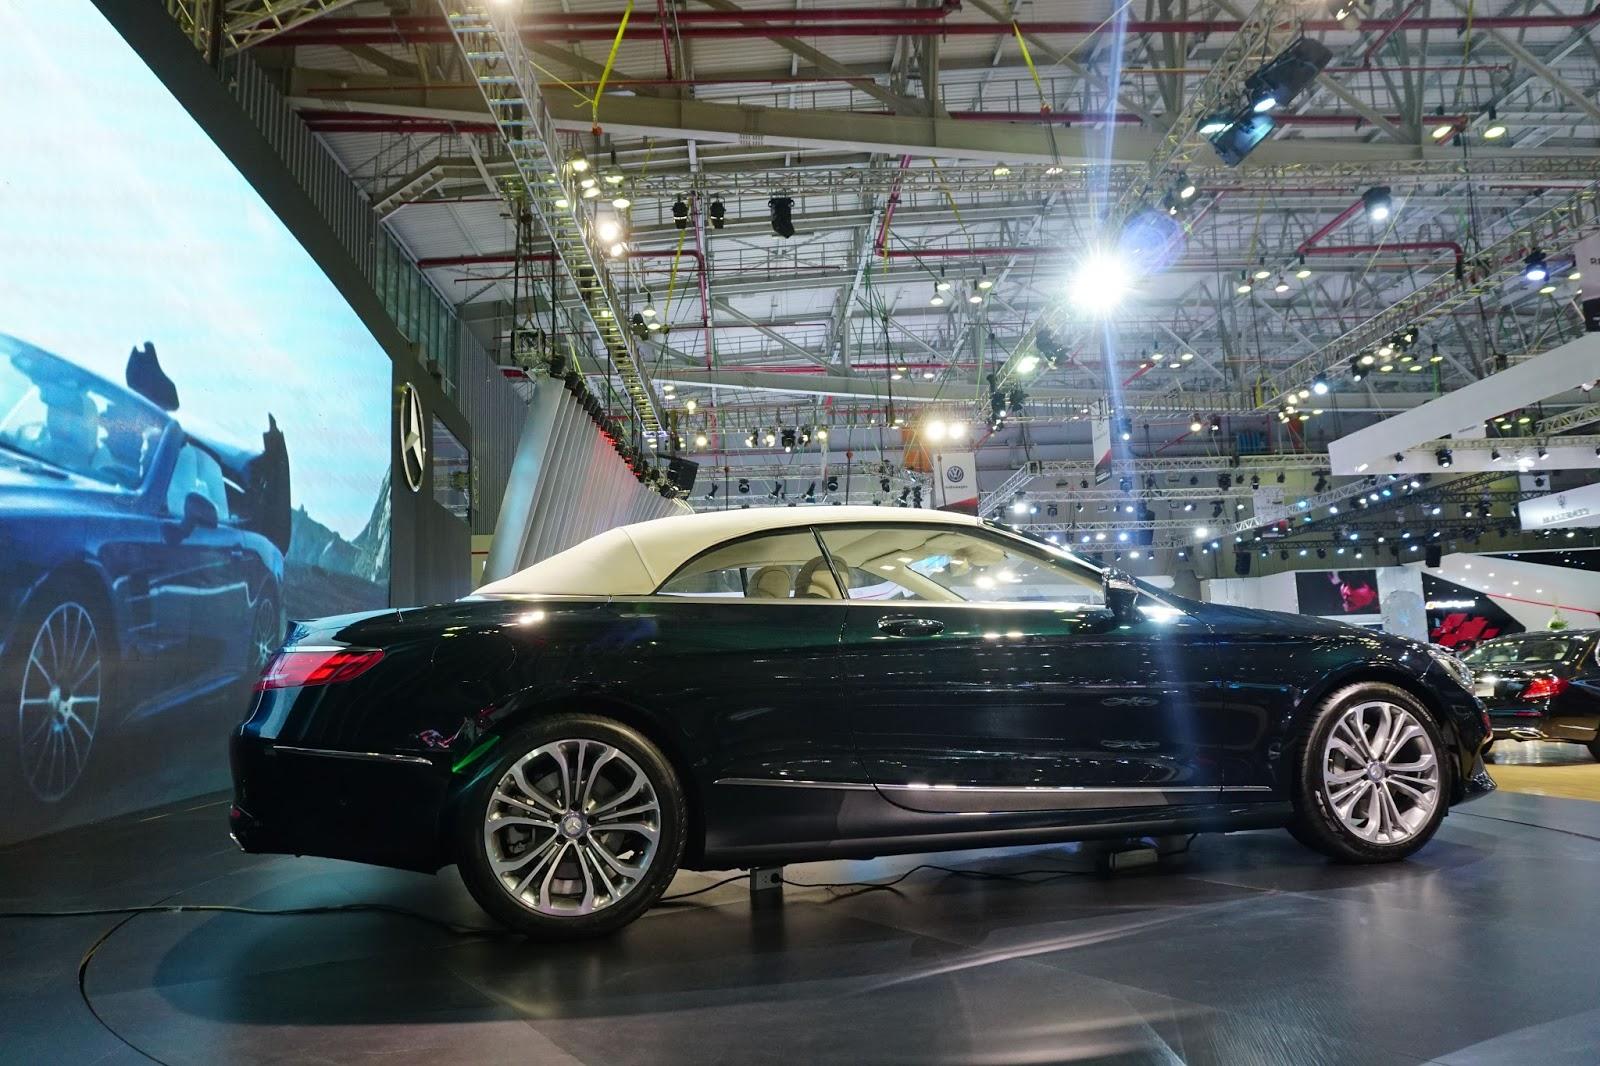 S500 Cabriolet 2017 là chiếc xe đắt giá nhất của Mercedes Benz tại VIMS 2016